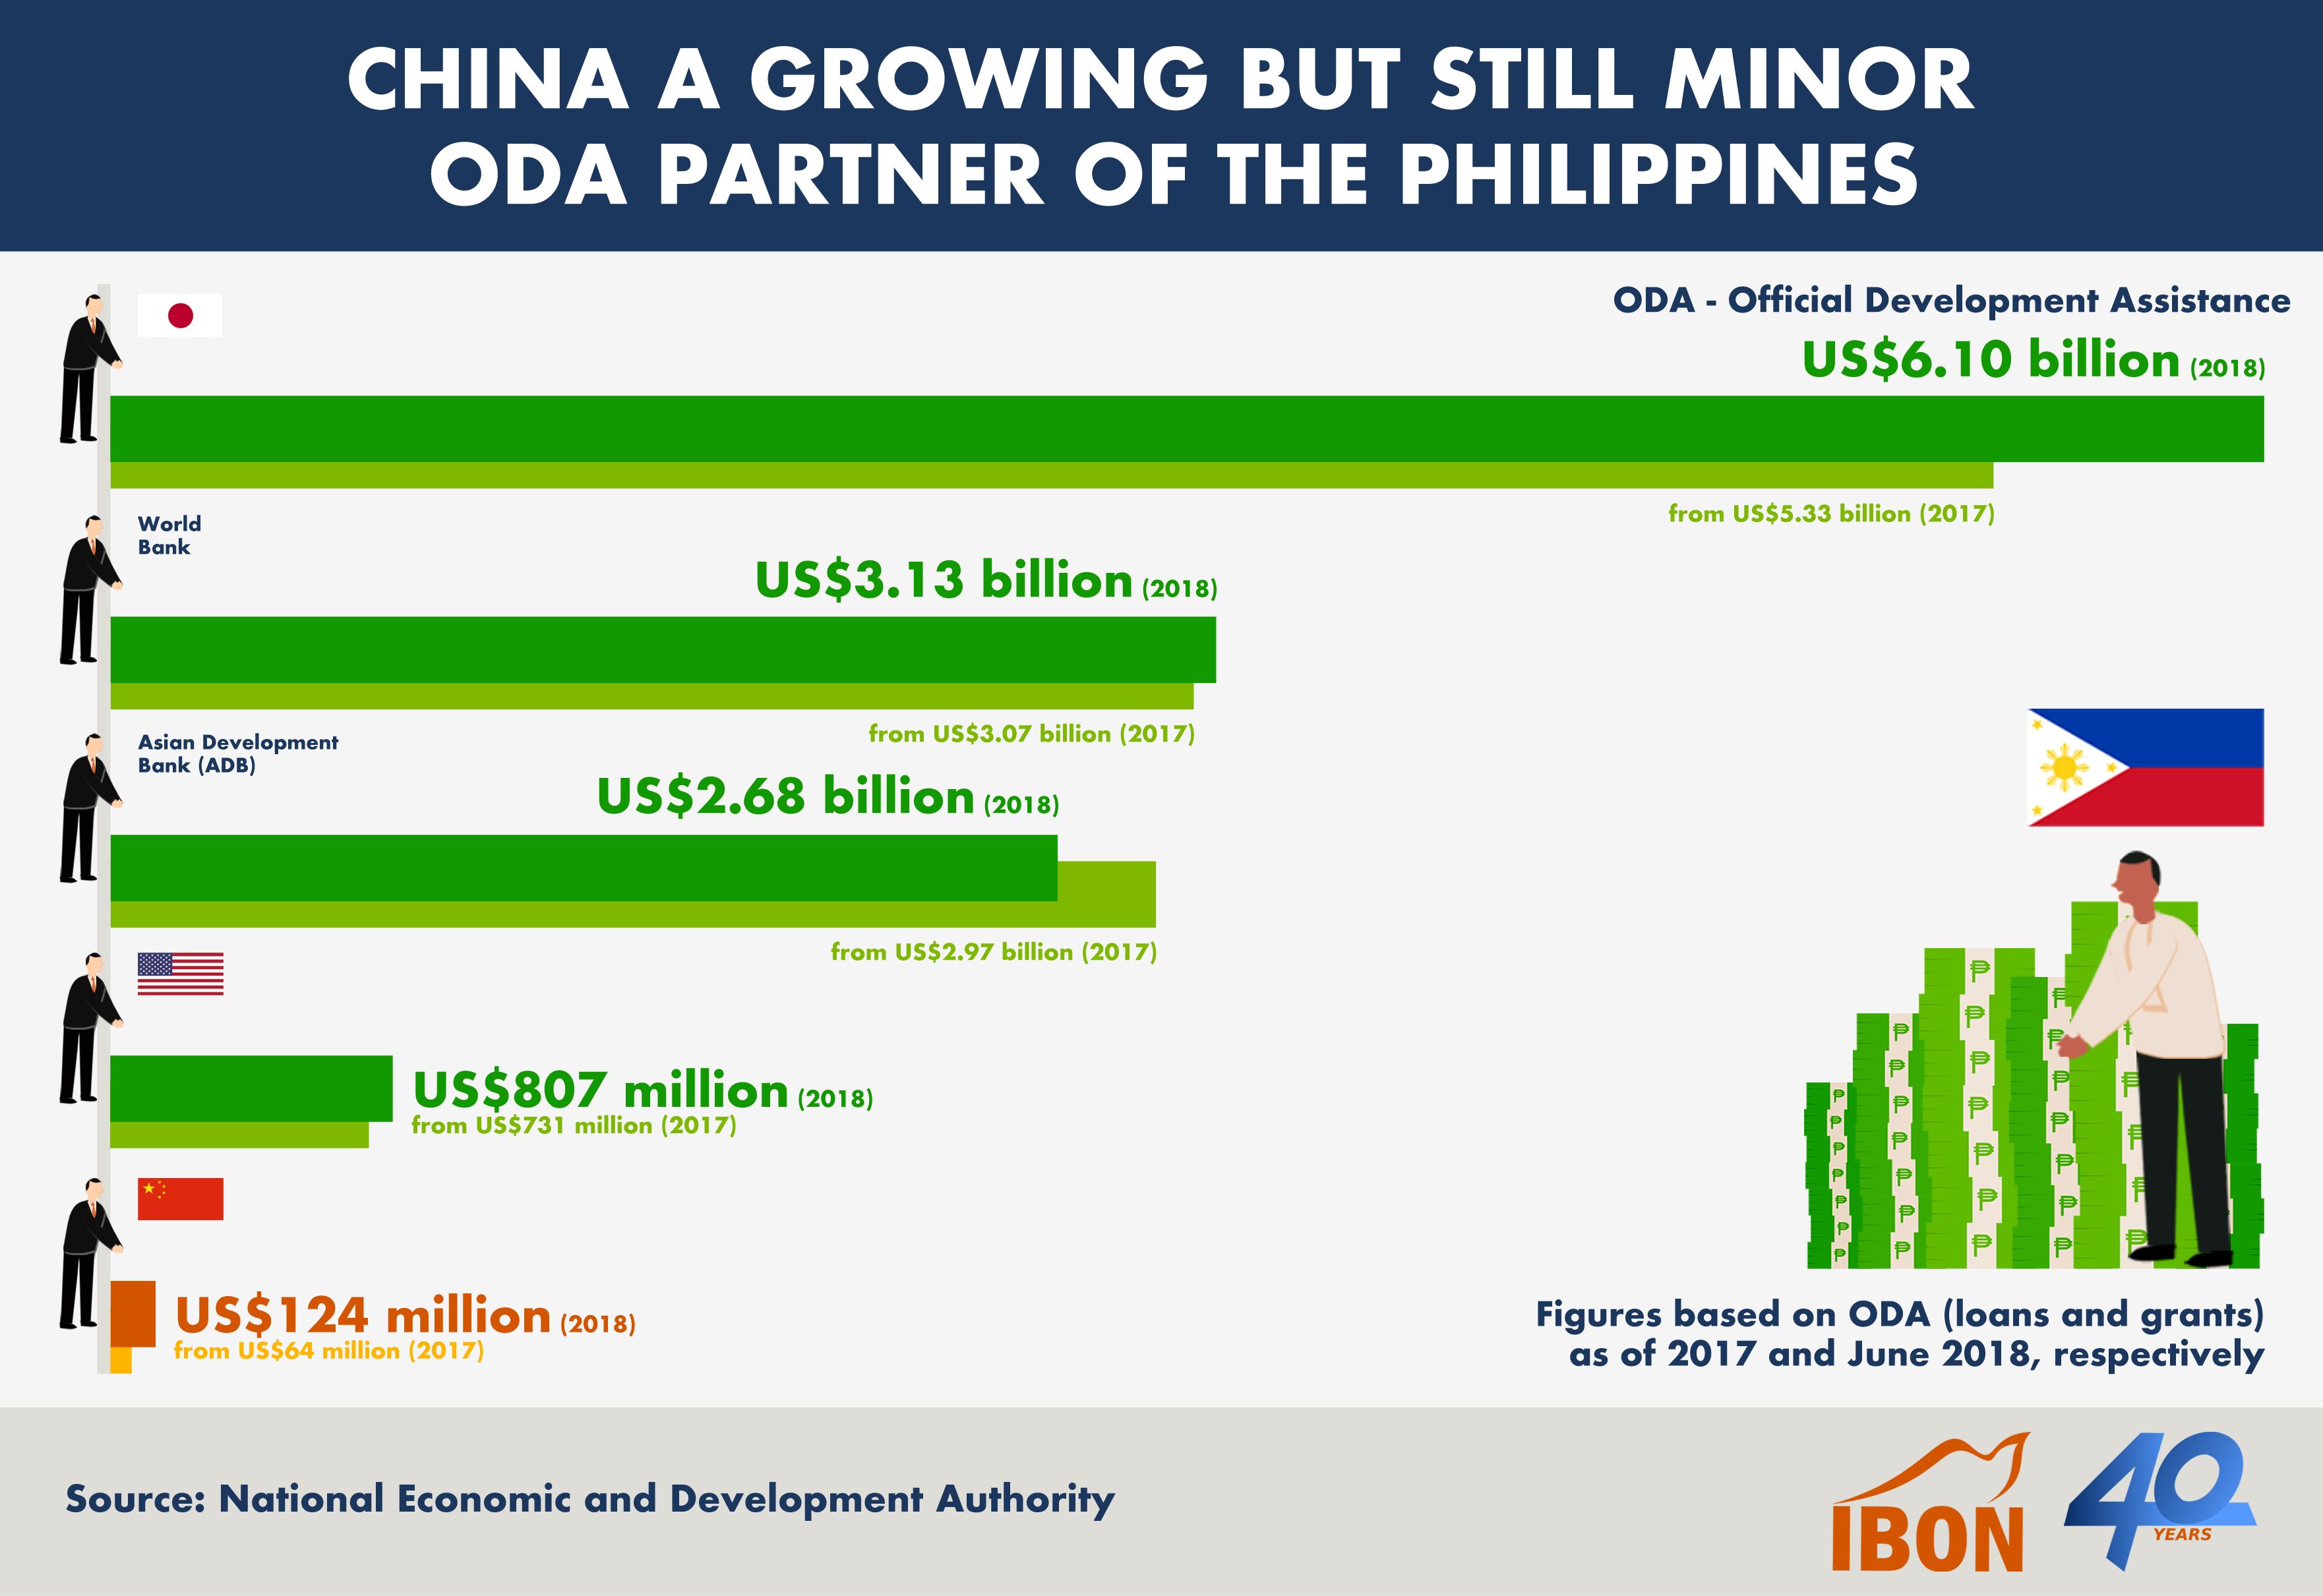 181128 China Growing But Still Minor ODA Partner